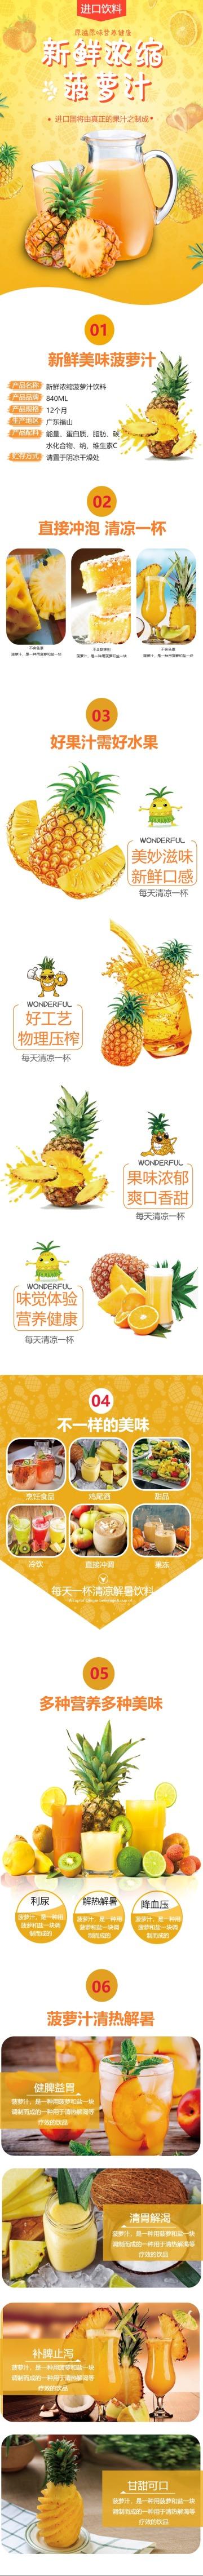 清新简约百货零售水果菠萝果汁促销电商详情页